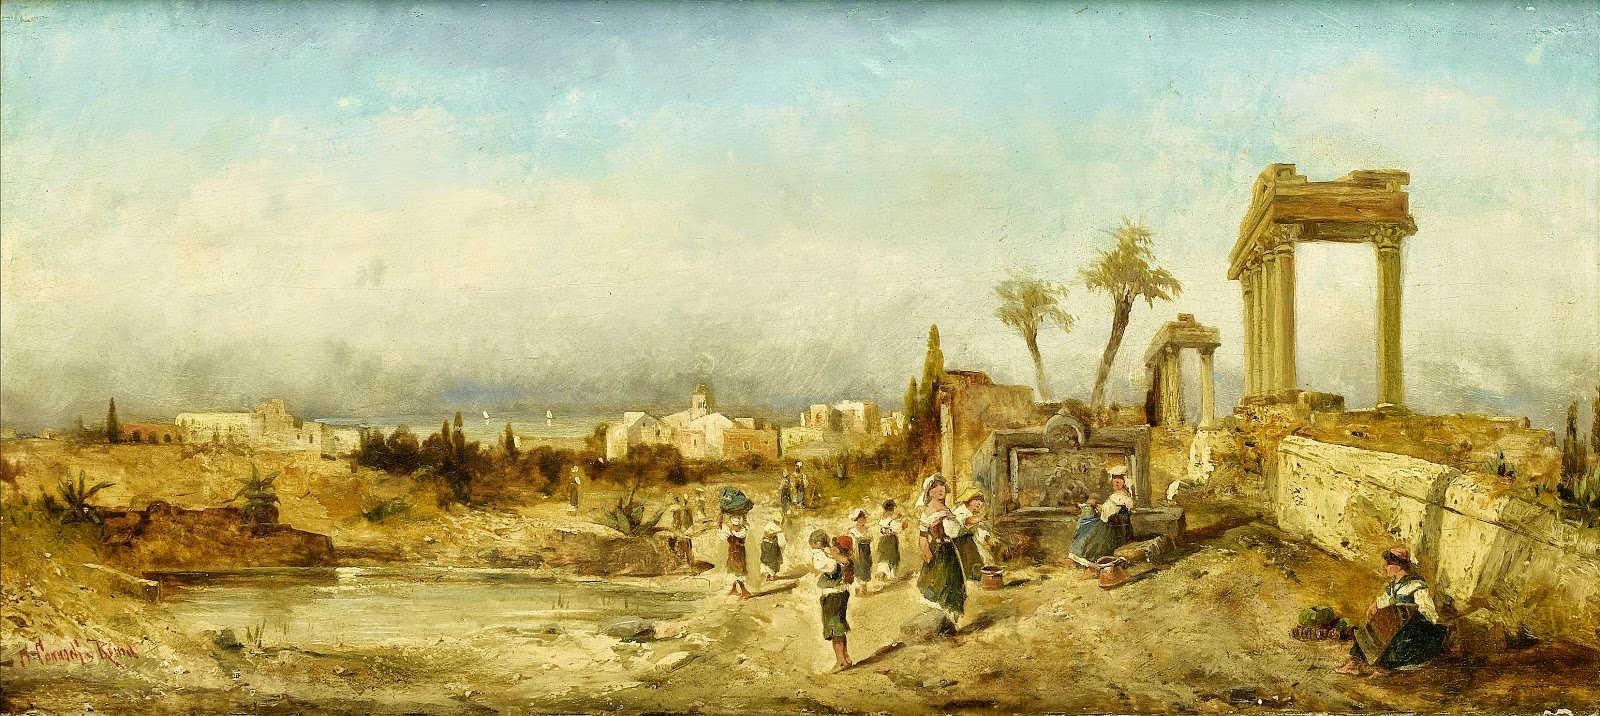 لوحات نادرة مصر بعيون Hermann Corrodi   - مجموعة اولى